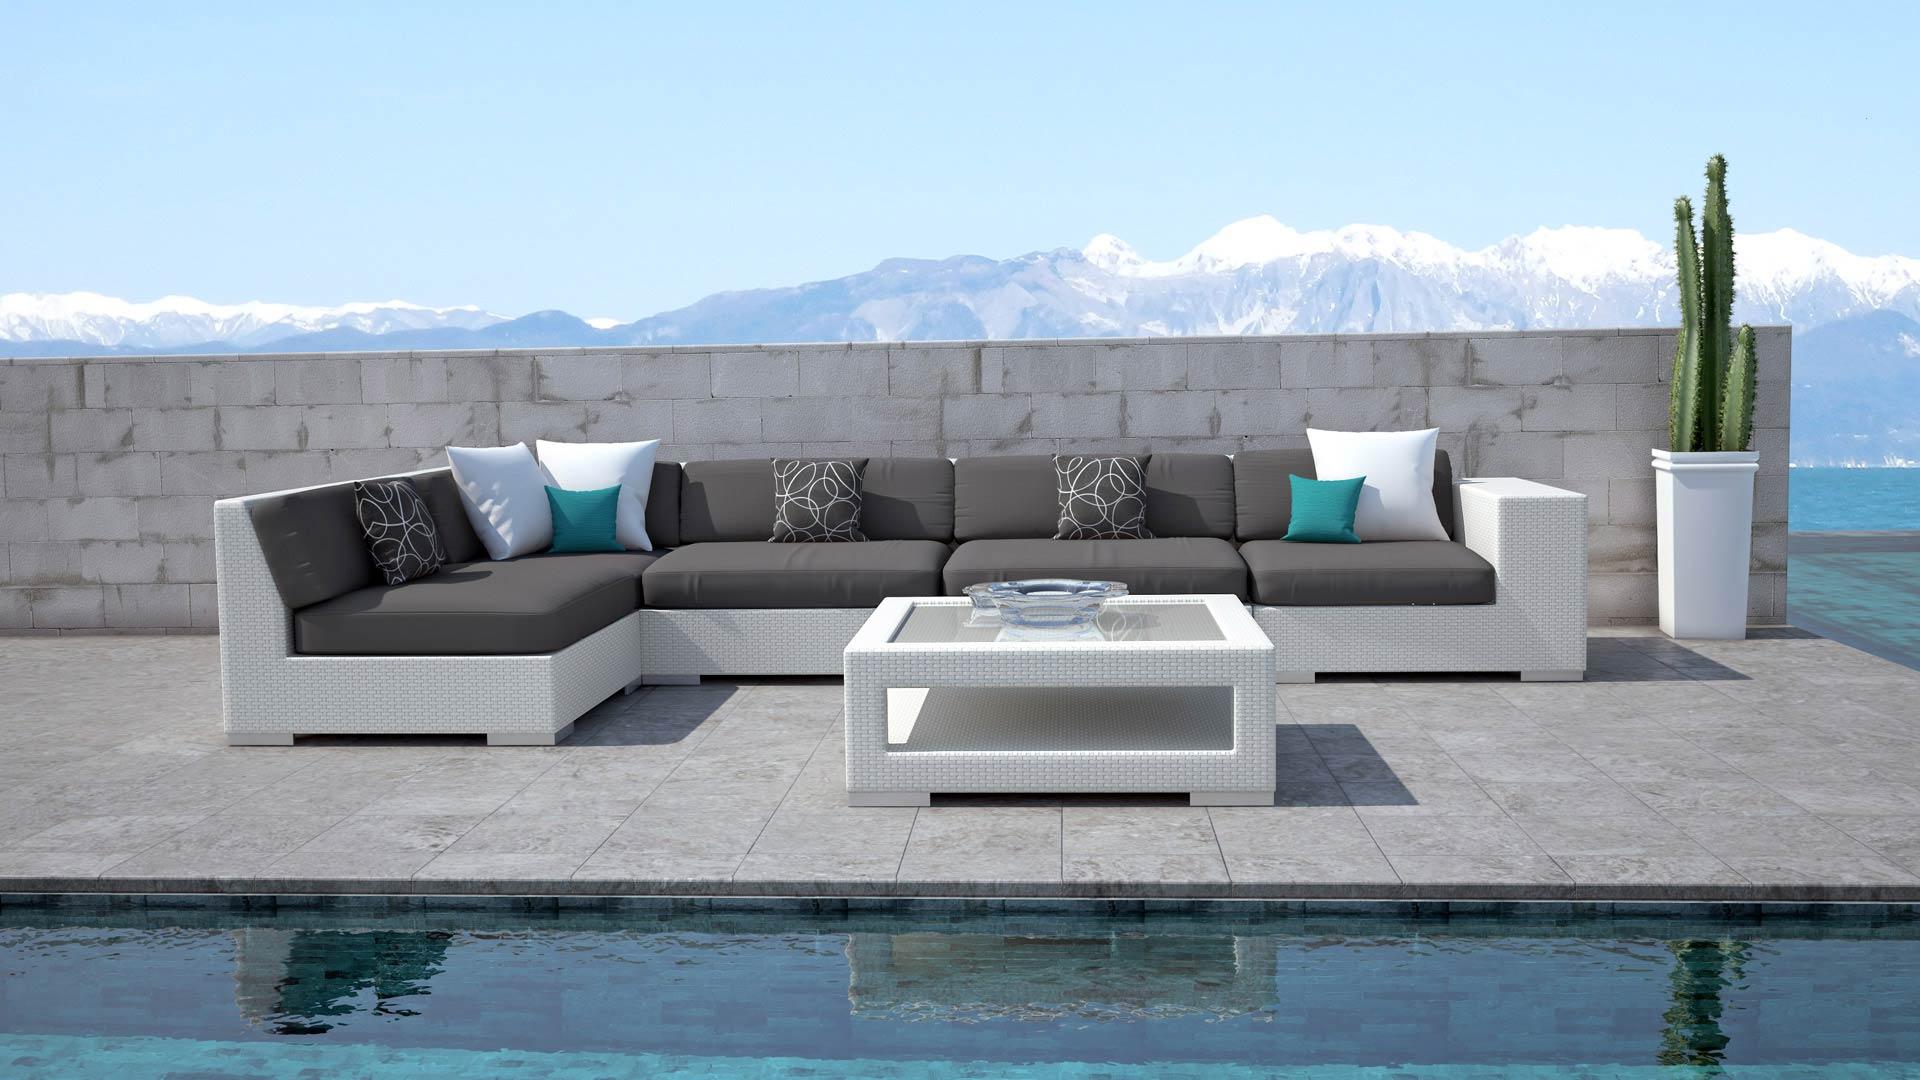 Full Size of Terassen Sofa Terrassen Essgruppe 8 Personen Aus Paletten Terrasse Wohnzimmer Couch Terrasse